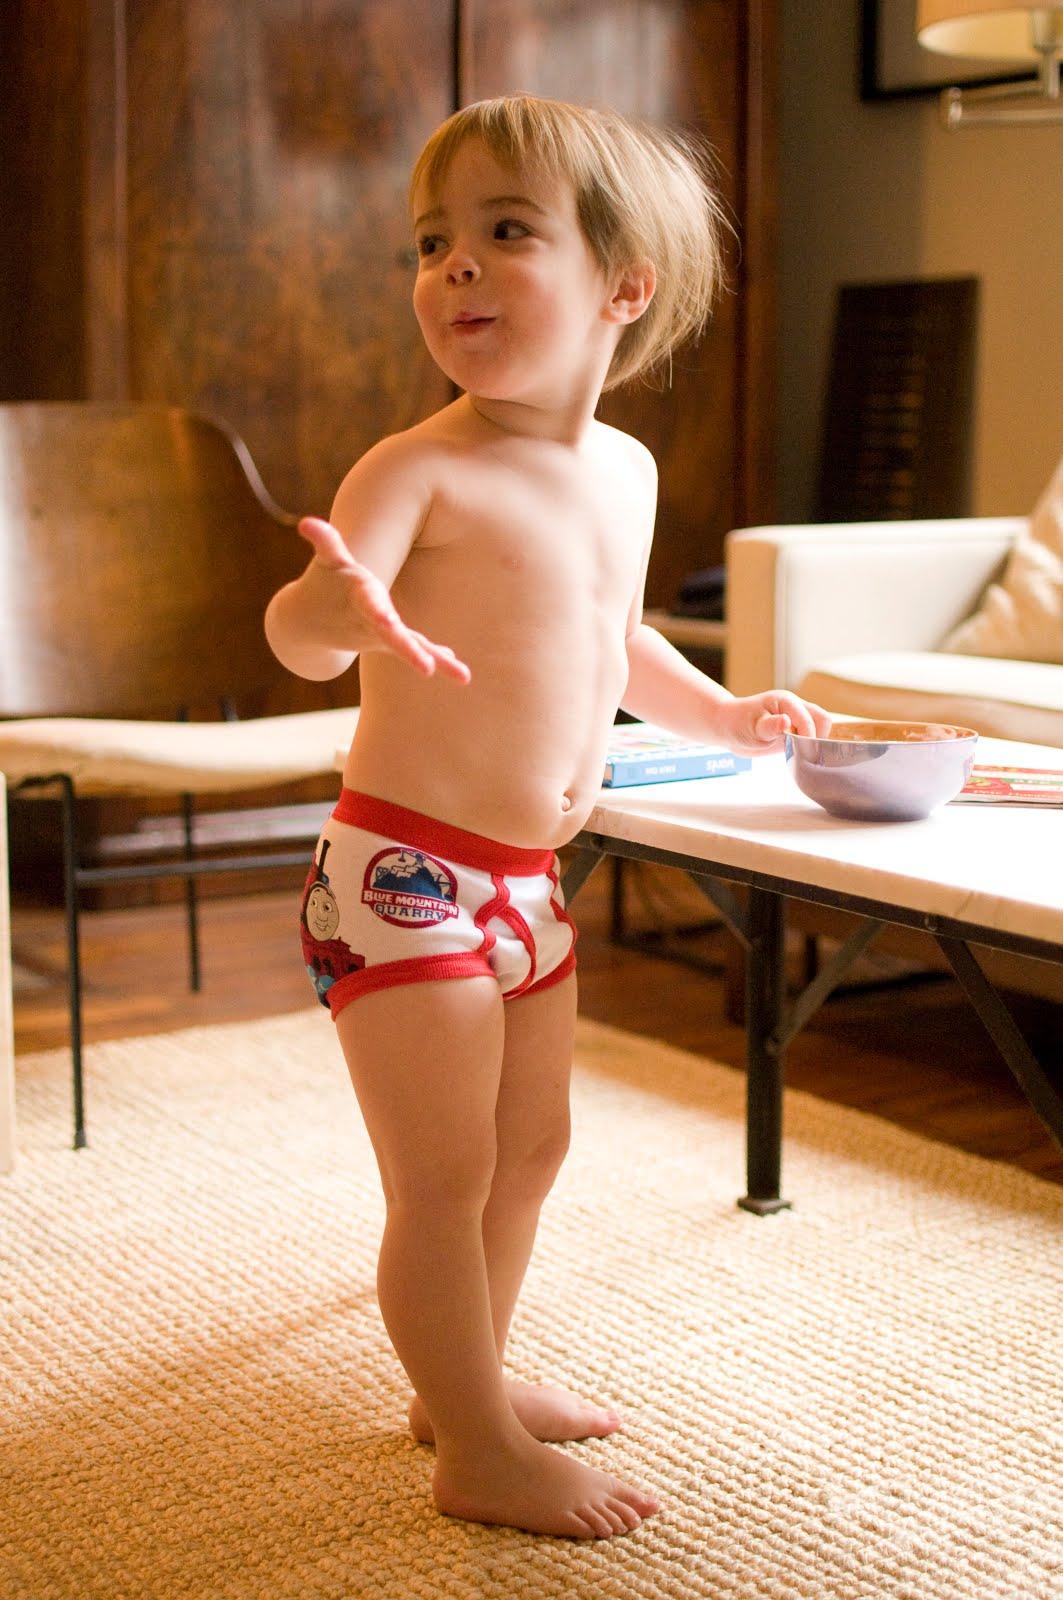 little boy underwear down